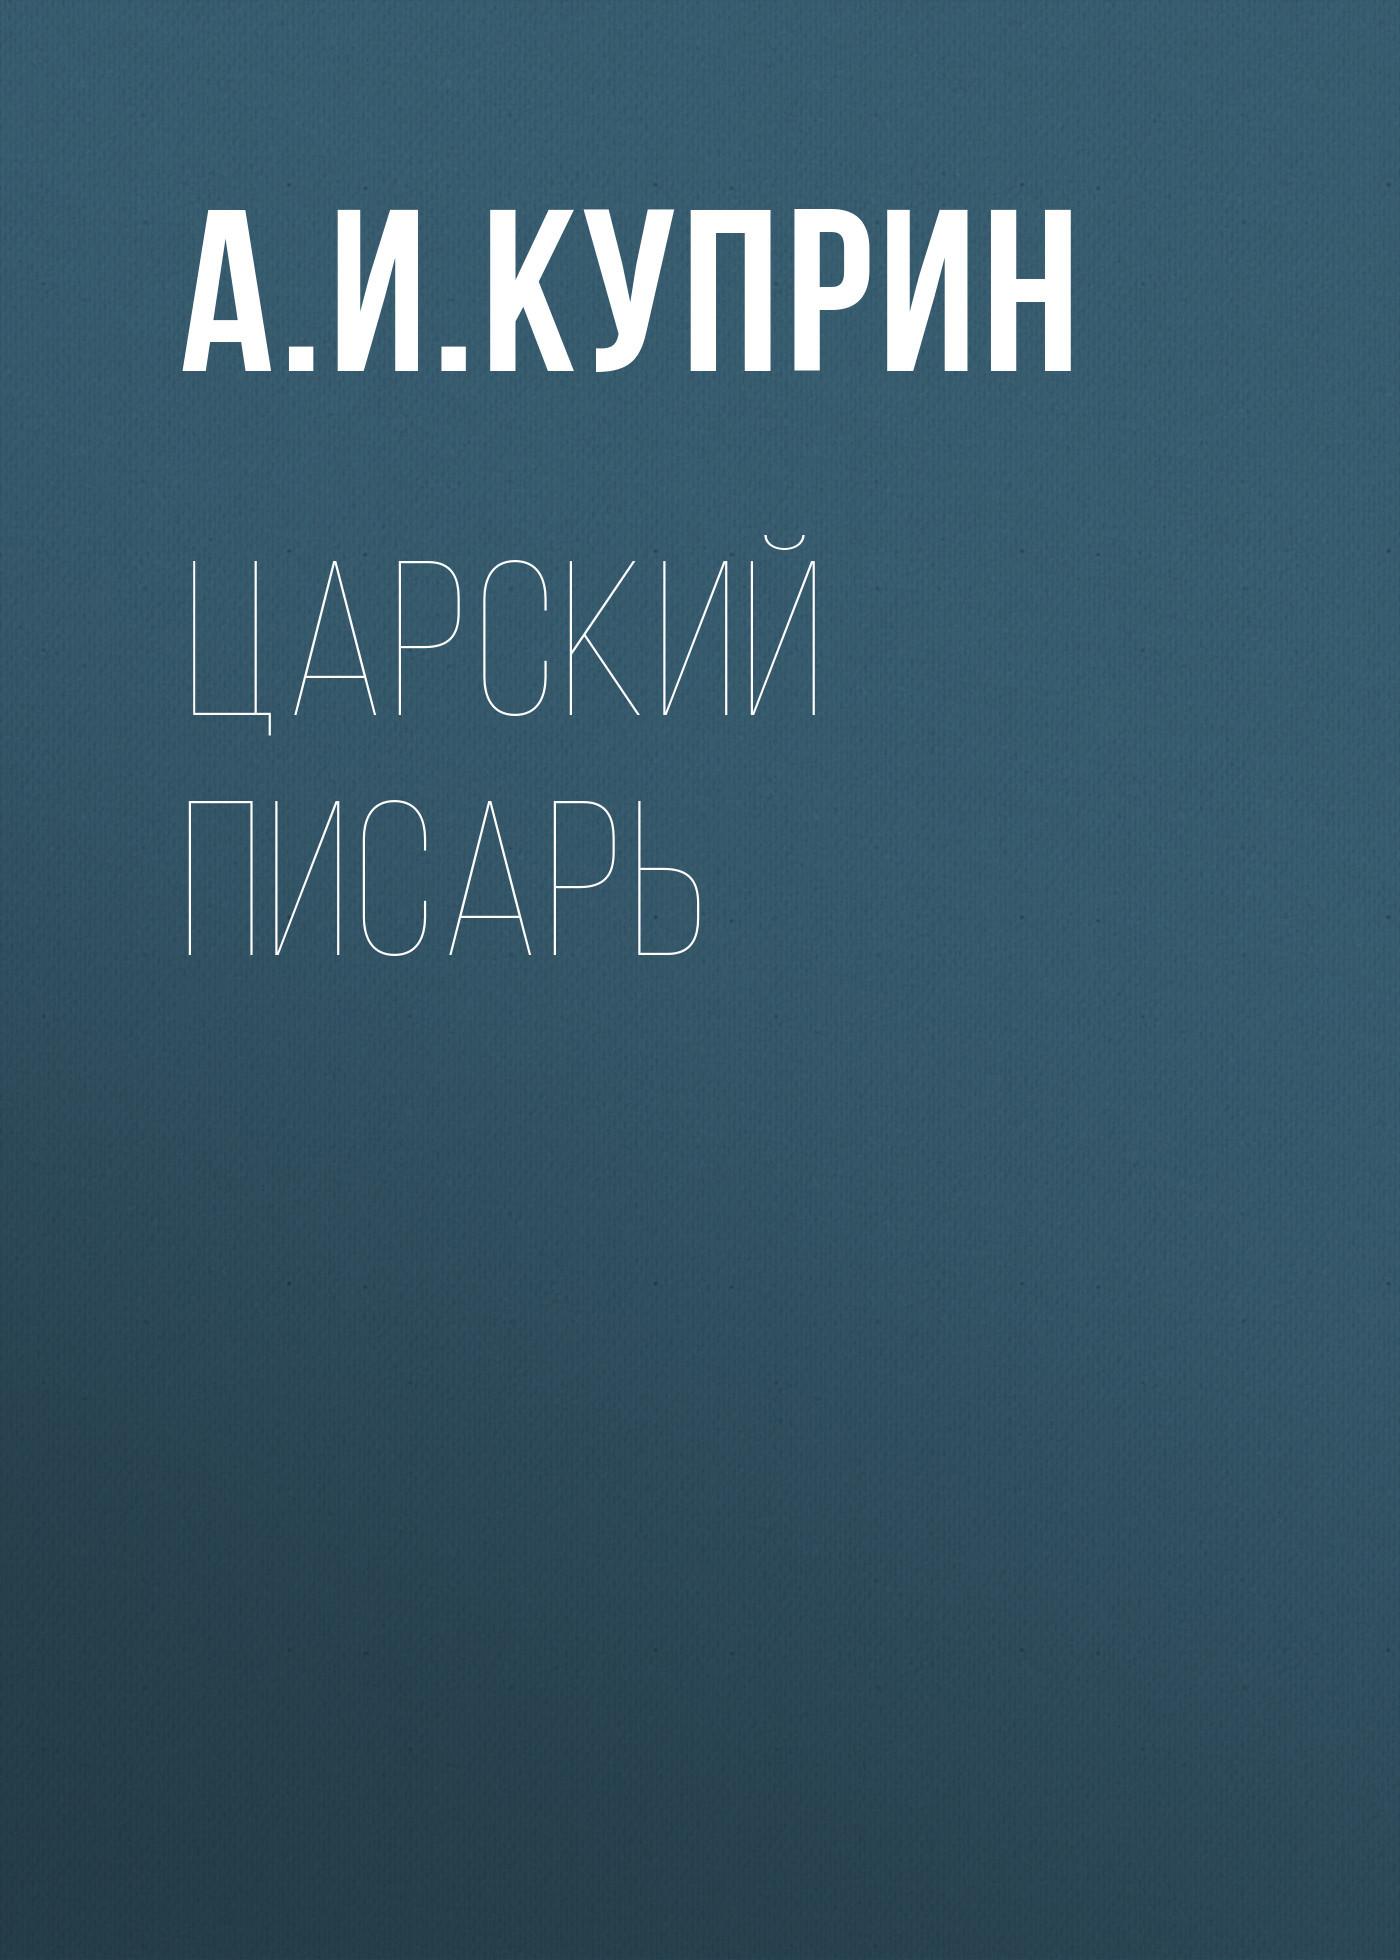 А. И. Куприн. Царский писарь